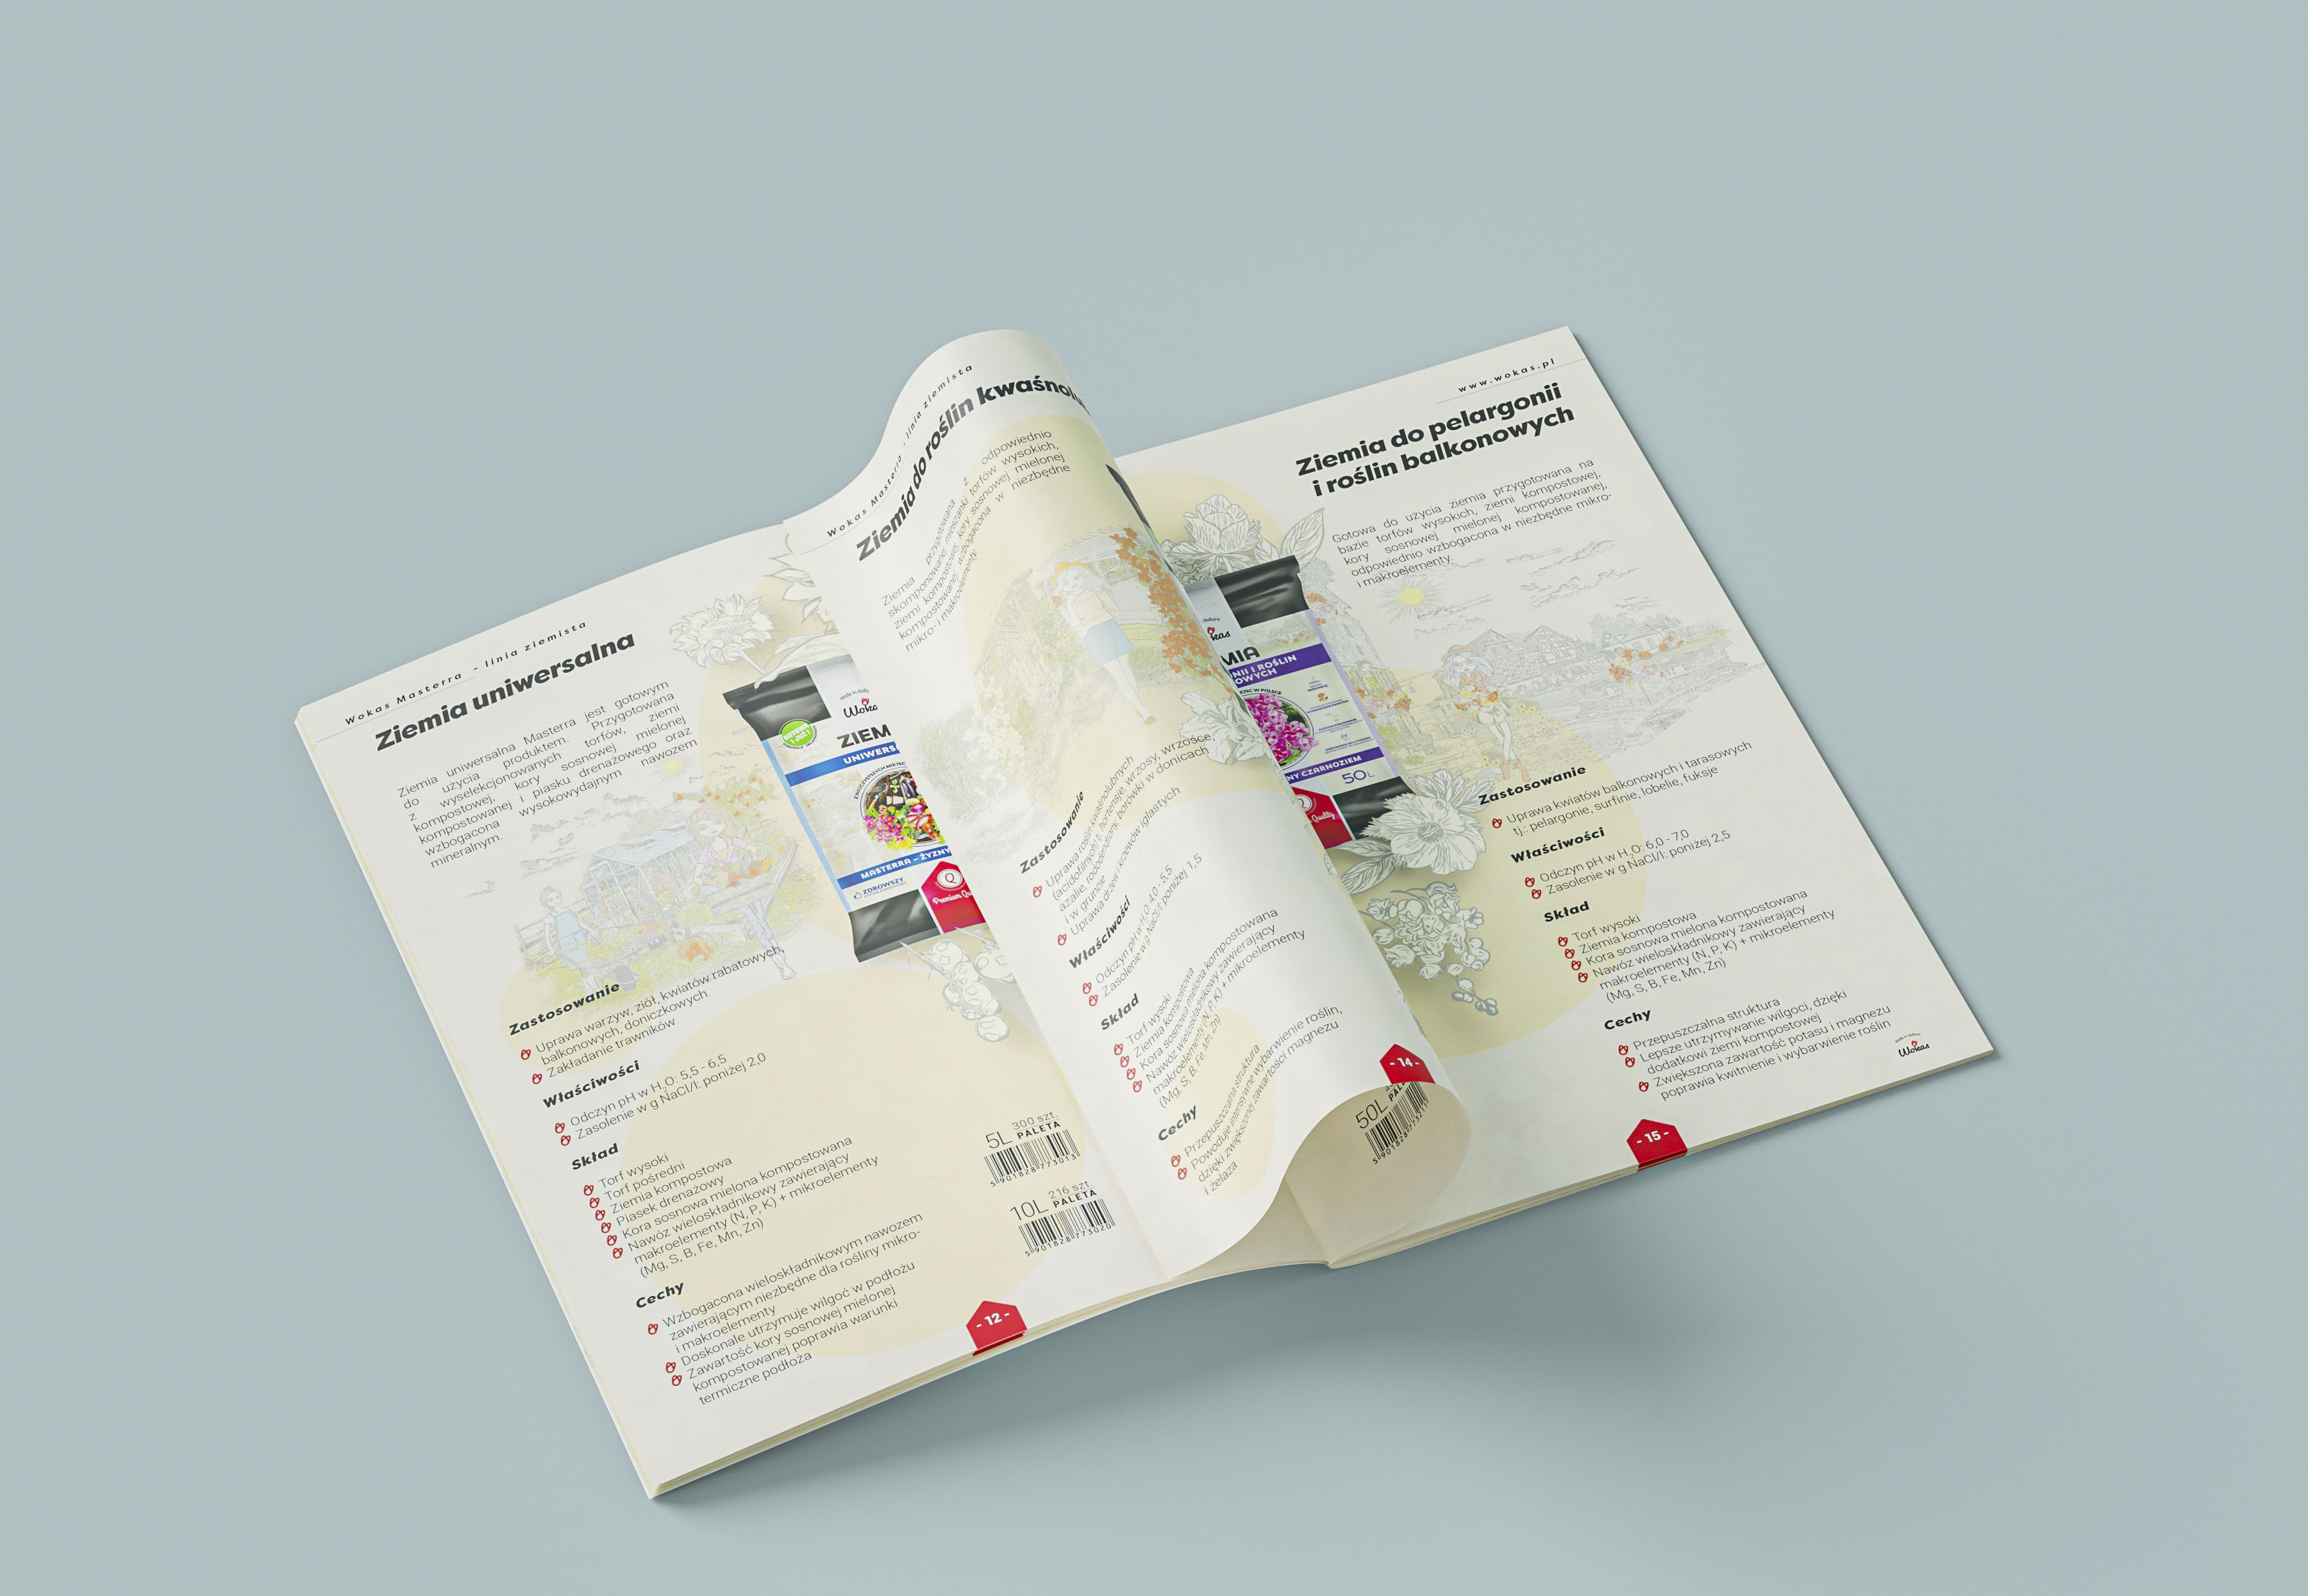 Agencja reklamy Prestige, Wokas - Katalog produktów